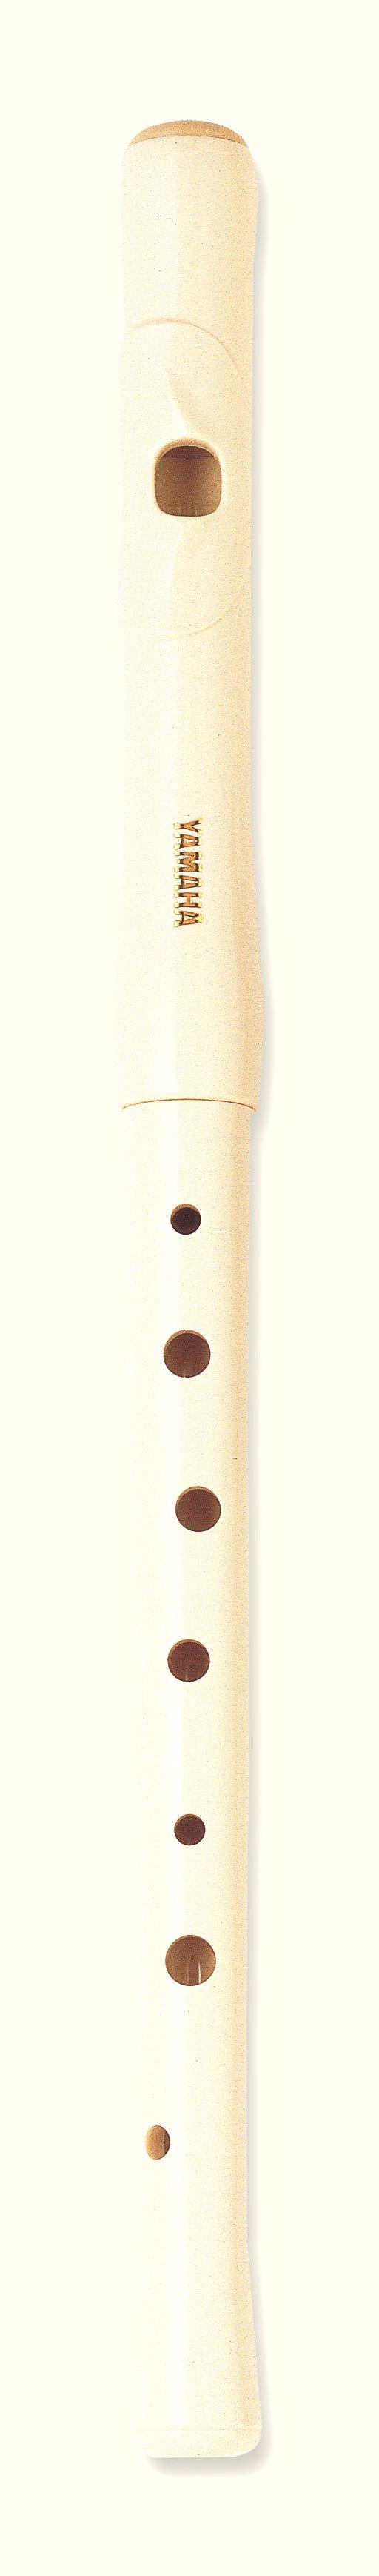 Flauta pífano Yamaha YRF-21